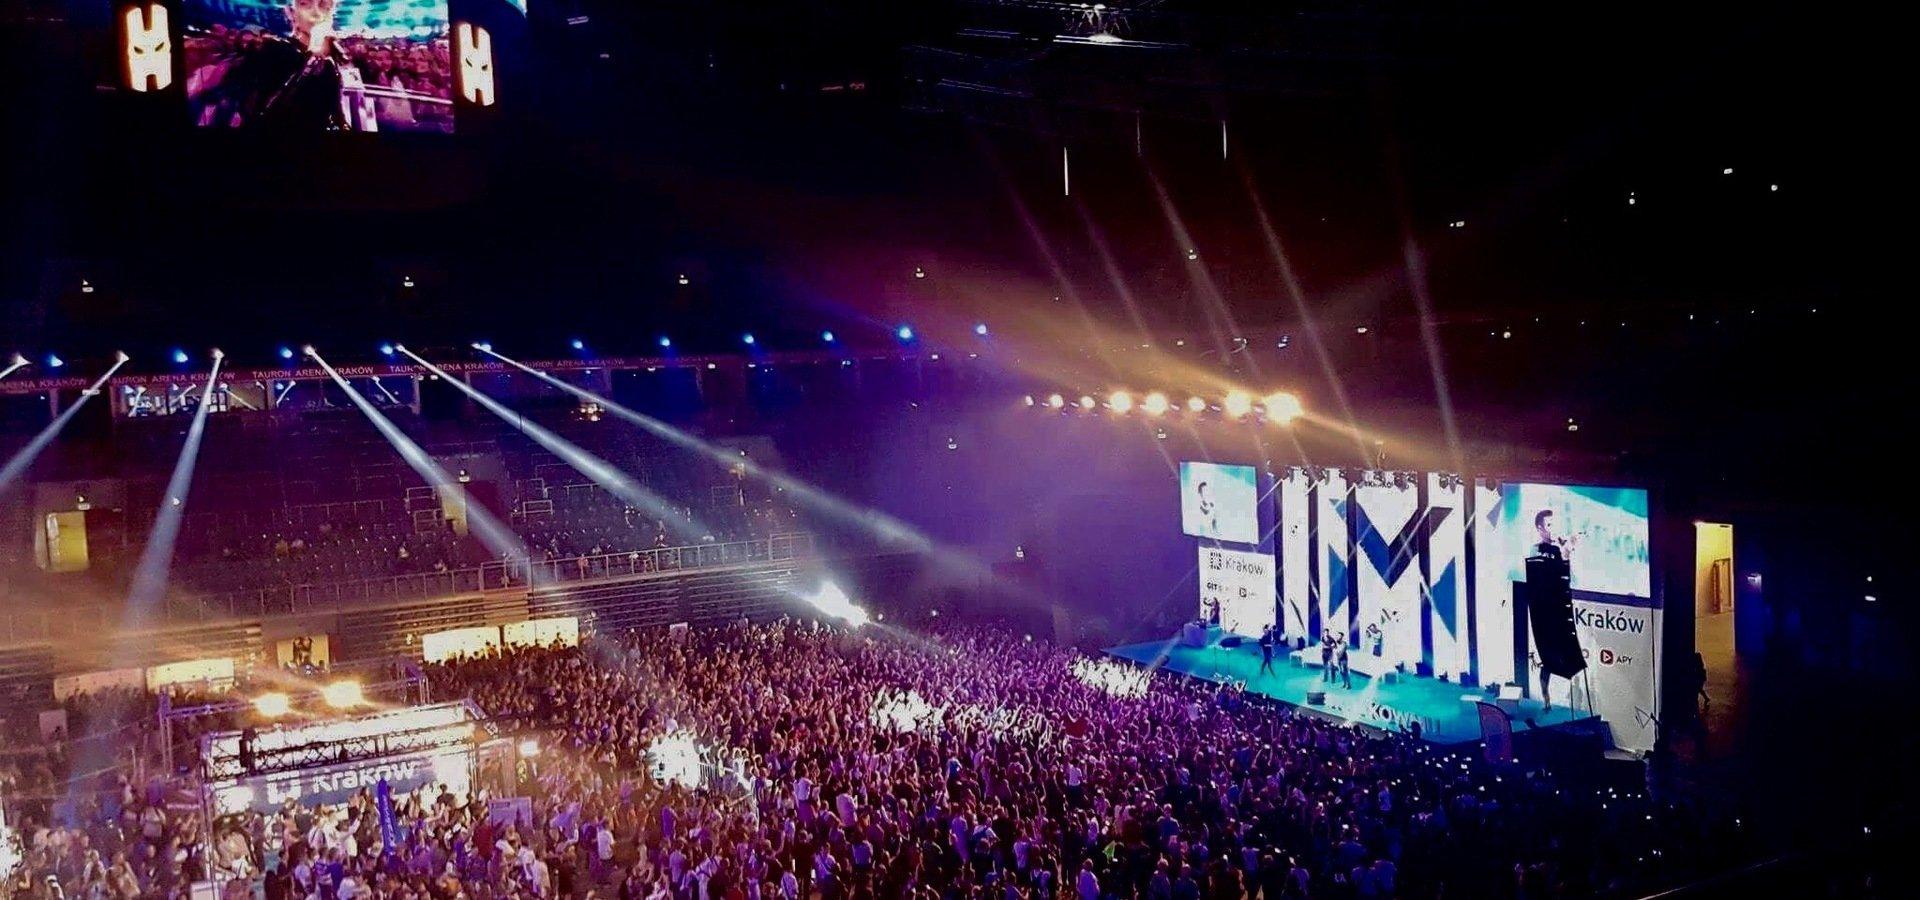 Spotkaj gwiazdy esportu na największej imprezie polskiej branży YouTube! MeetUp® 2018 już 1 września w krakowskiej Tauron Arenie!